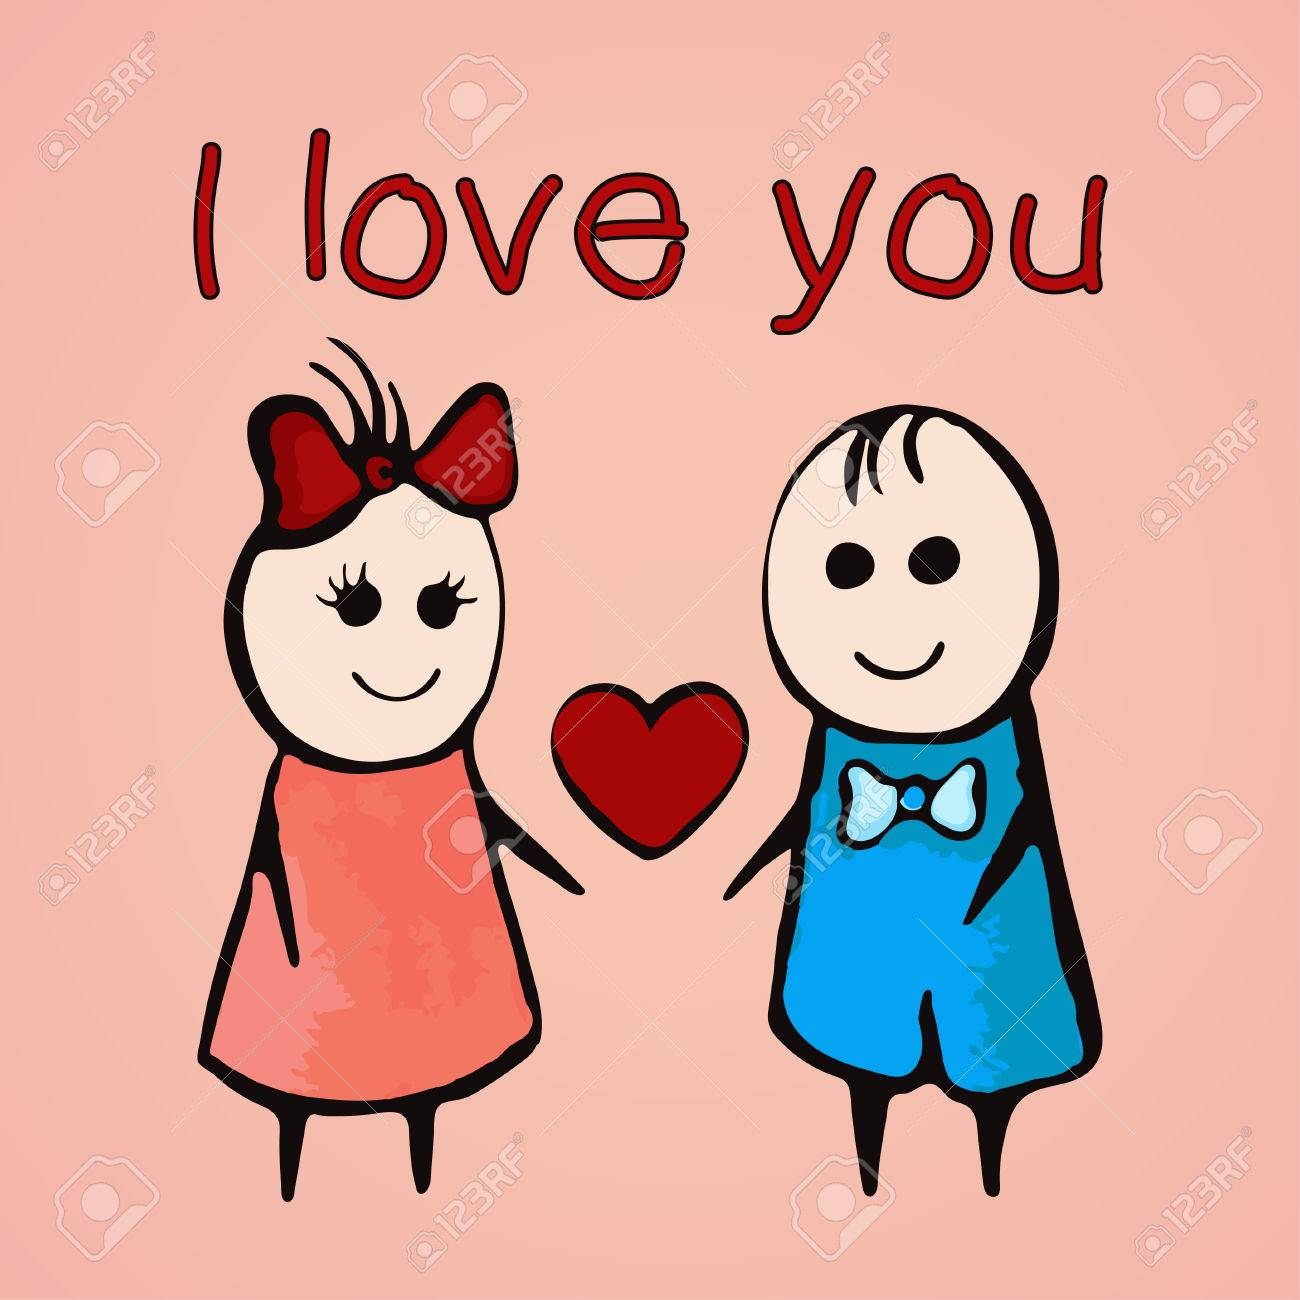 Te Amo Tarjeta Para El 14 De Febrero Día De San Valentín Bandera